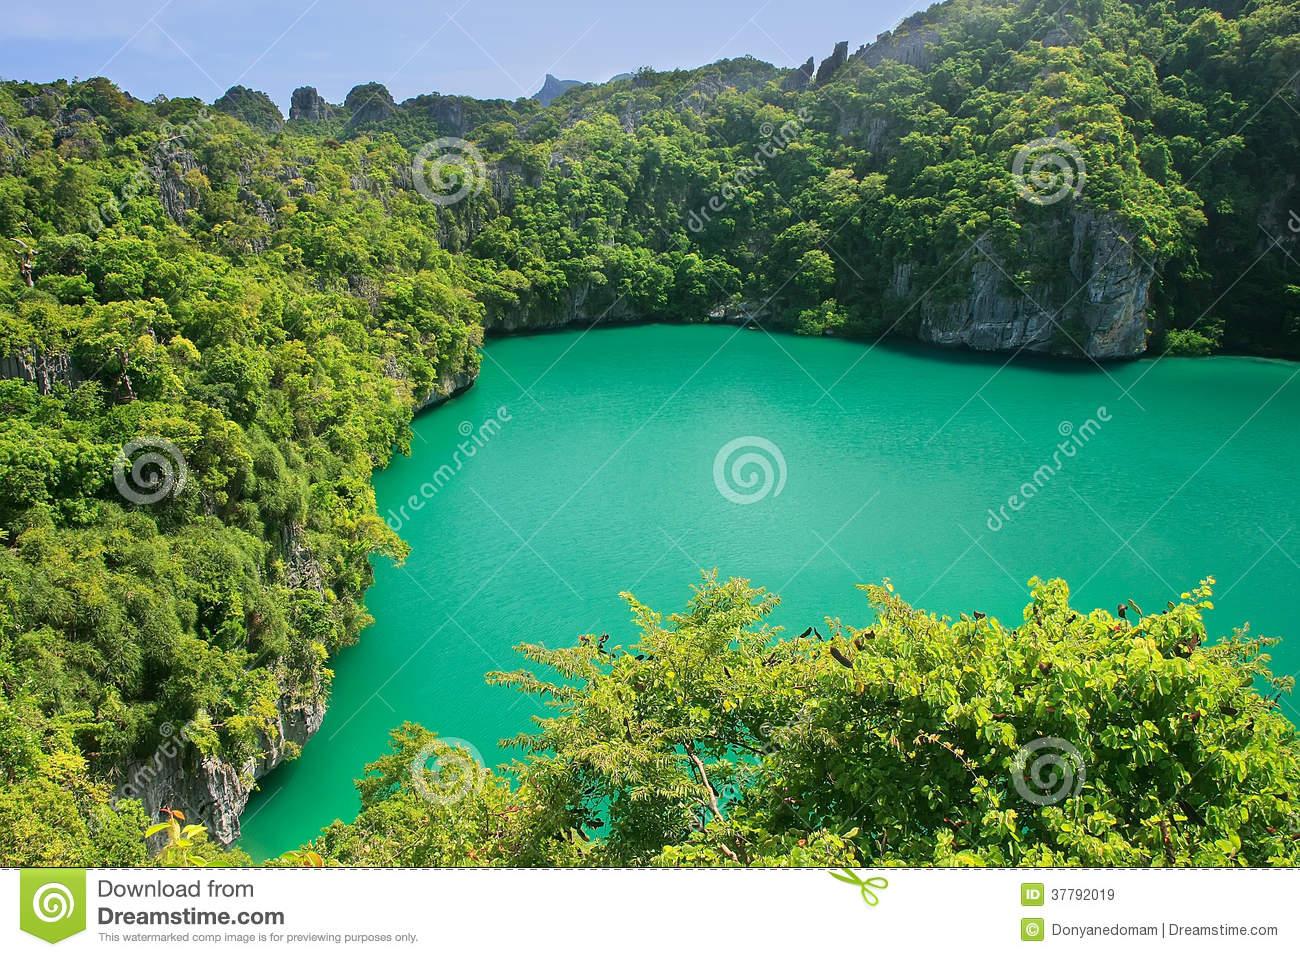 Thale Nai Lagoon, Mae Koh Island, Ang Thong National Marine Park.